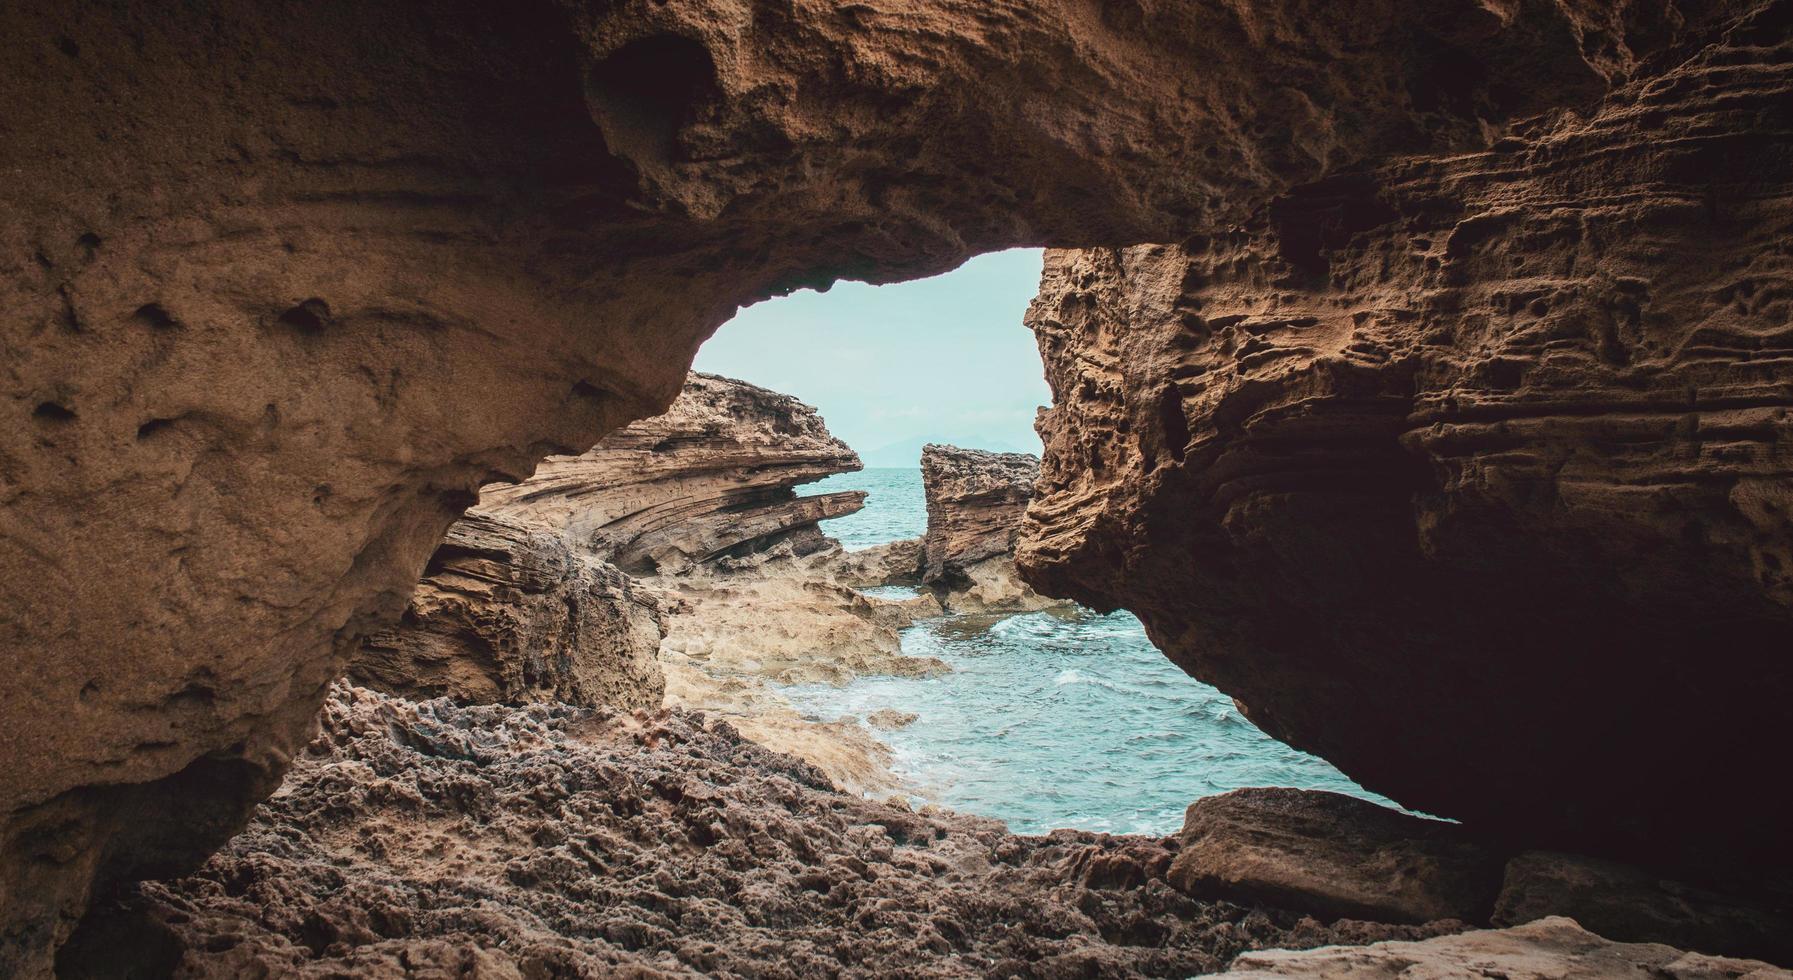 rotsachtige grot op het eiland gedurende de dag foto